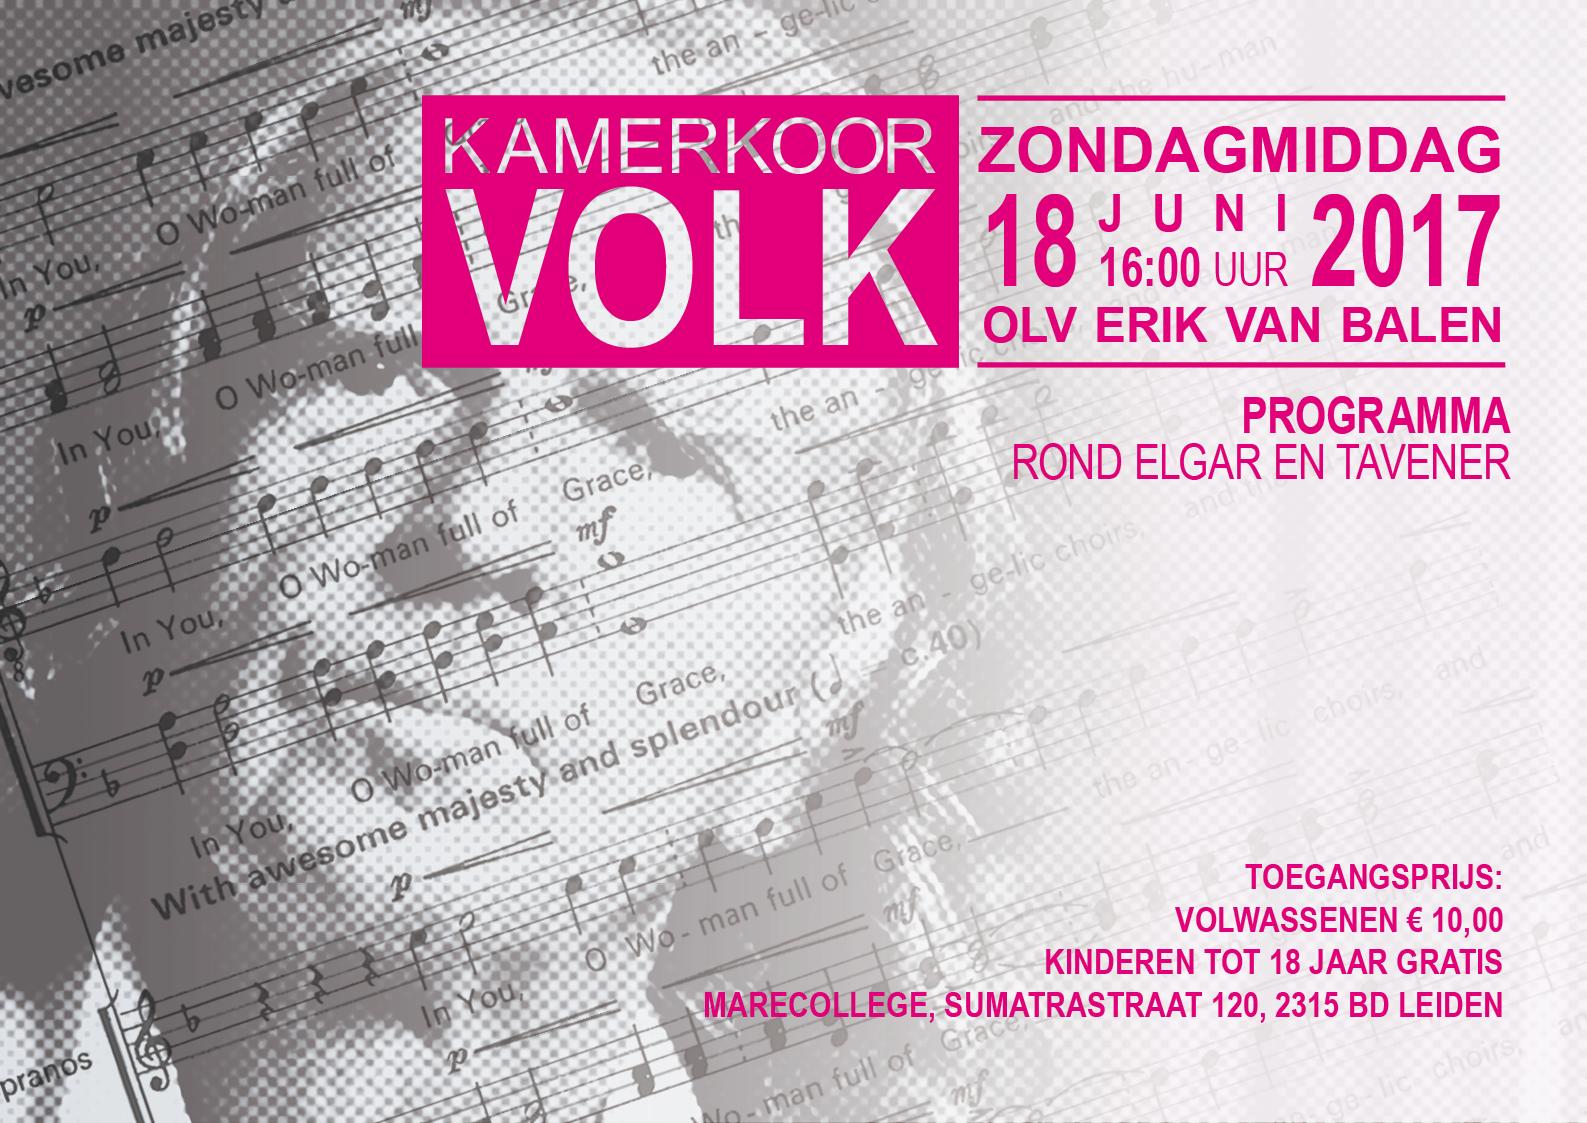 Kamerkoor Volk - flyer